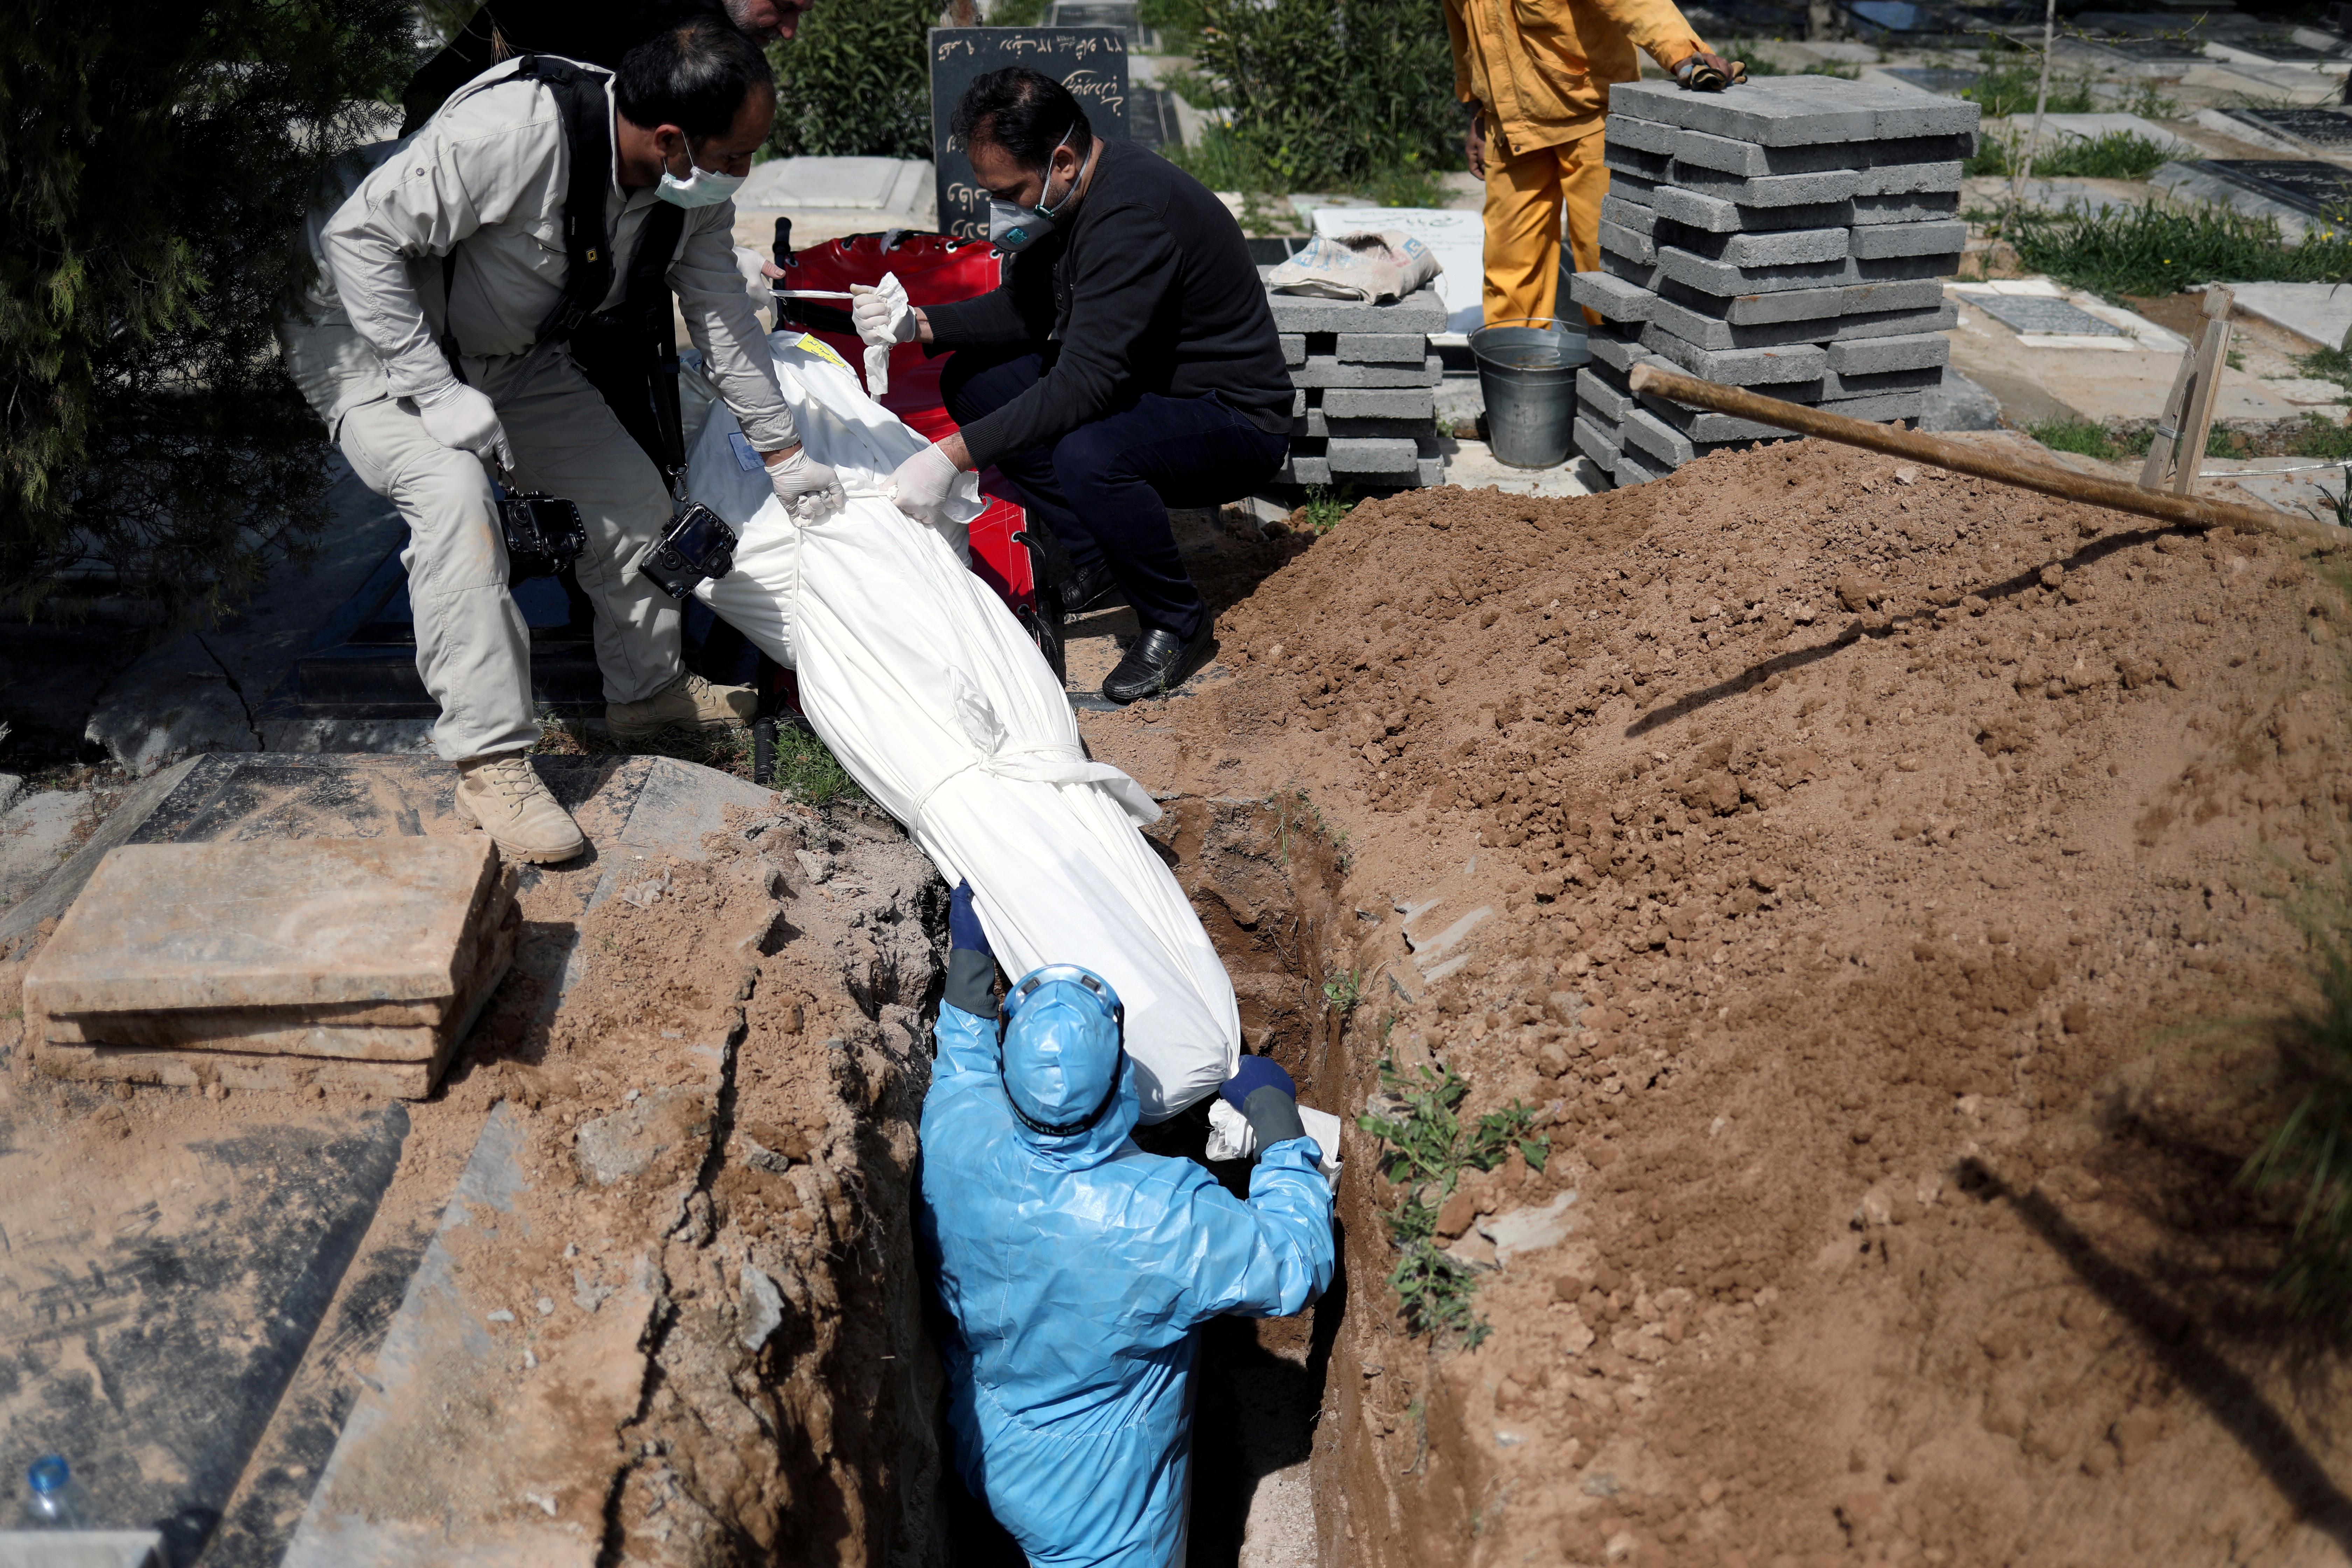 El entierro de un iraní que murió por coronavirus (REUTERS)